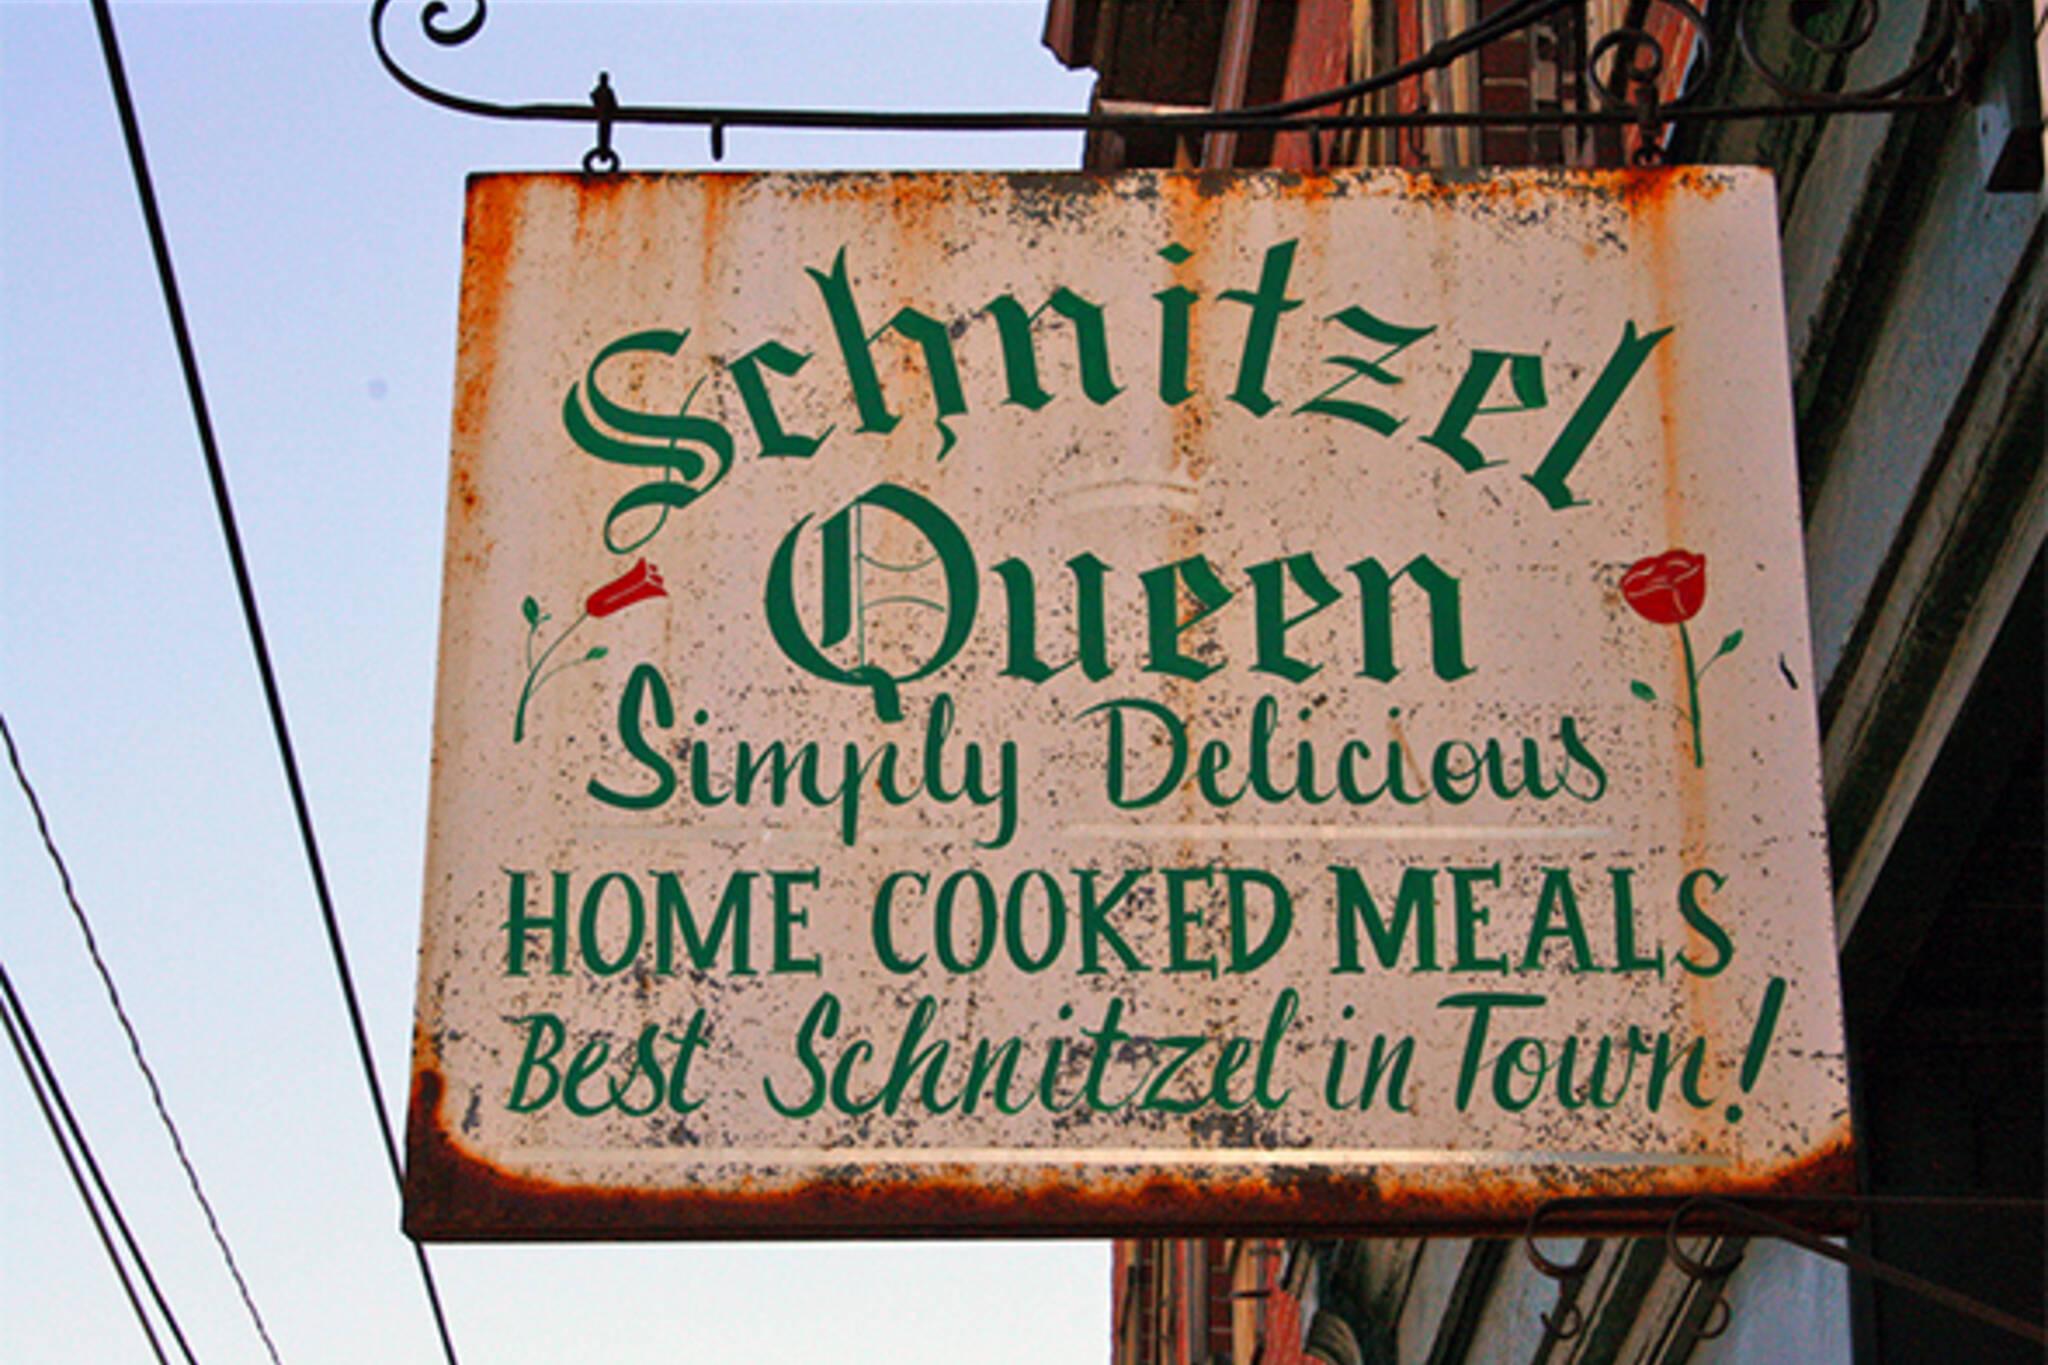 Schnitzel Queen Toronto